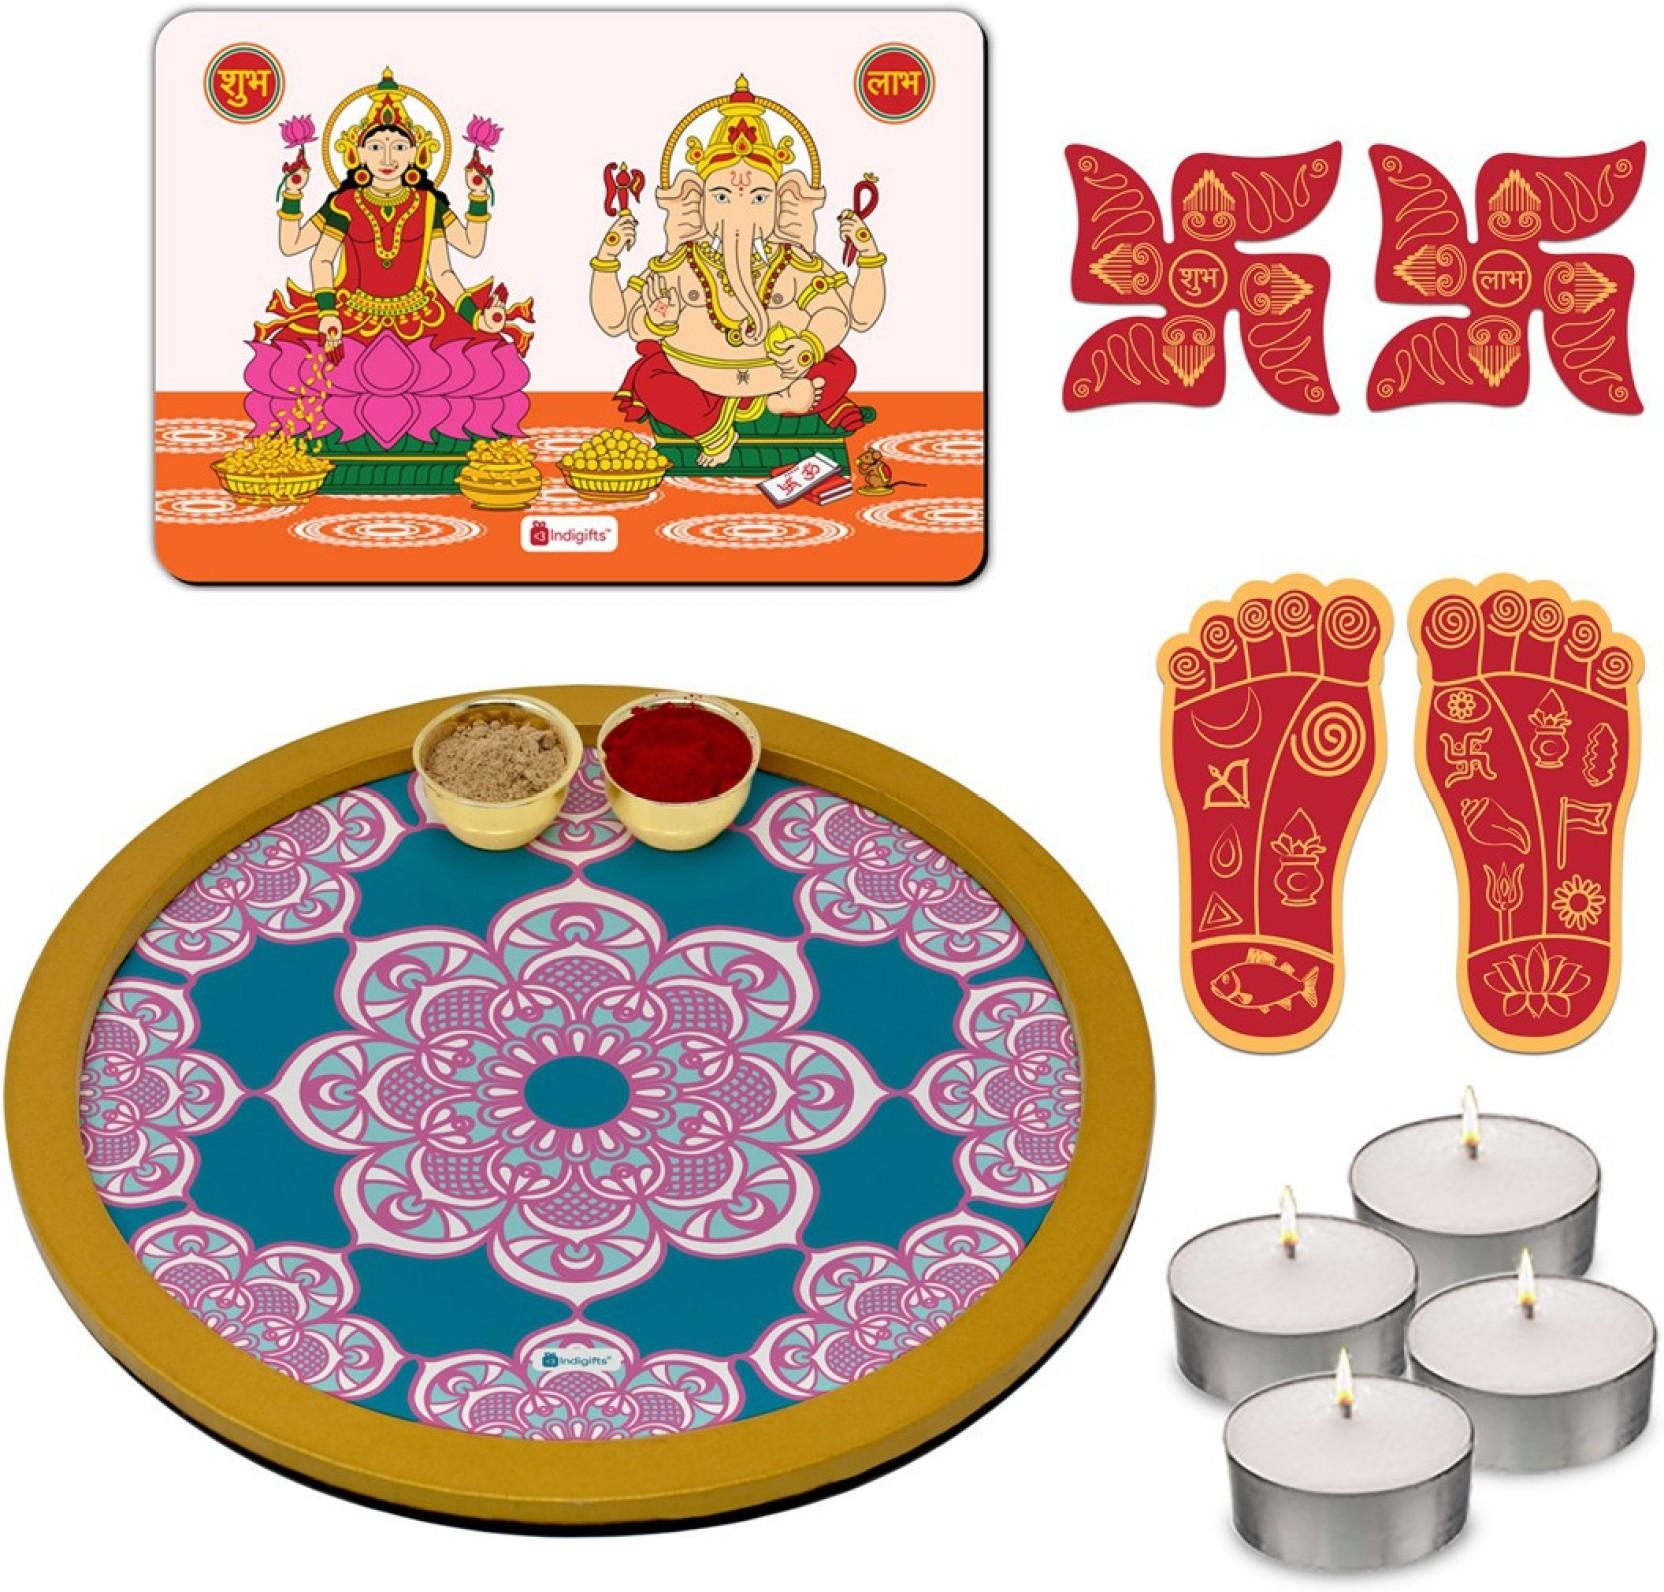 Indi ts Puja Thali Puja Plate Diwali Gift Items Pooja Items